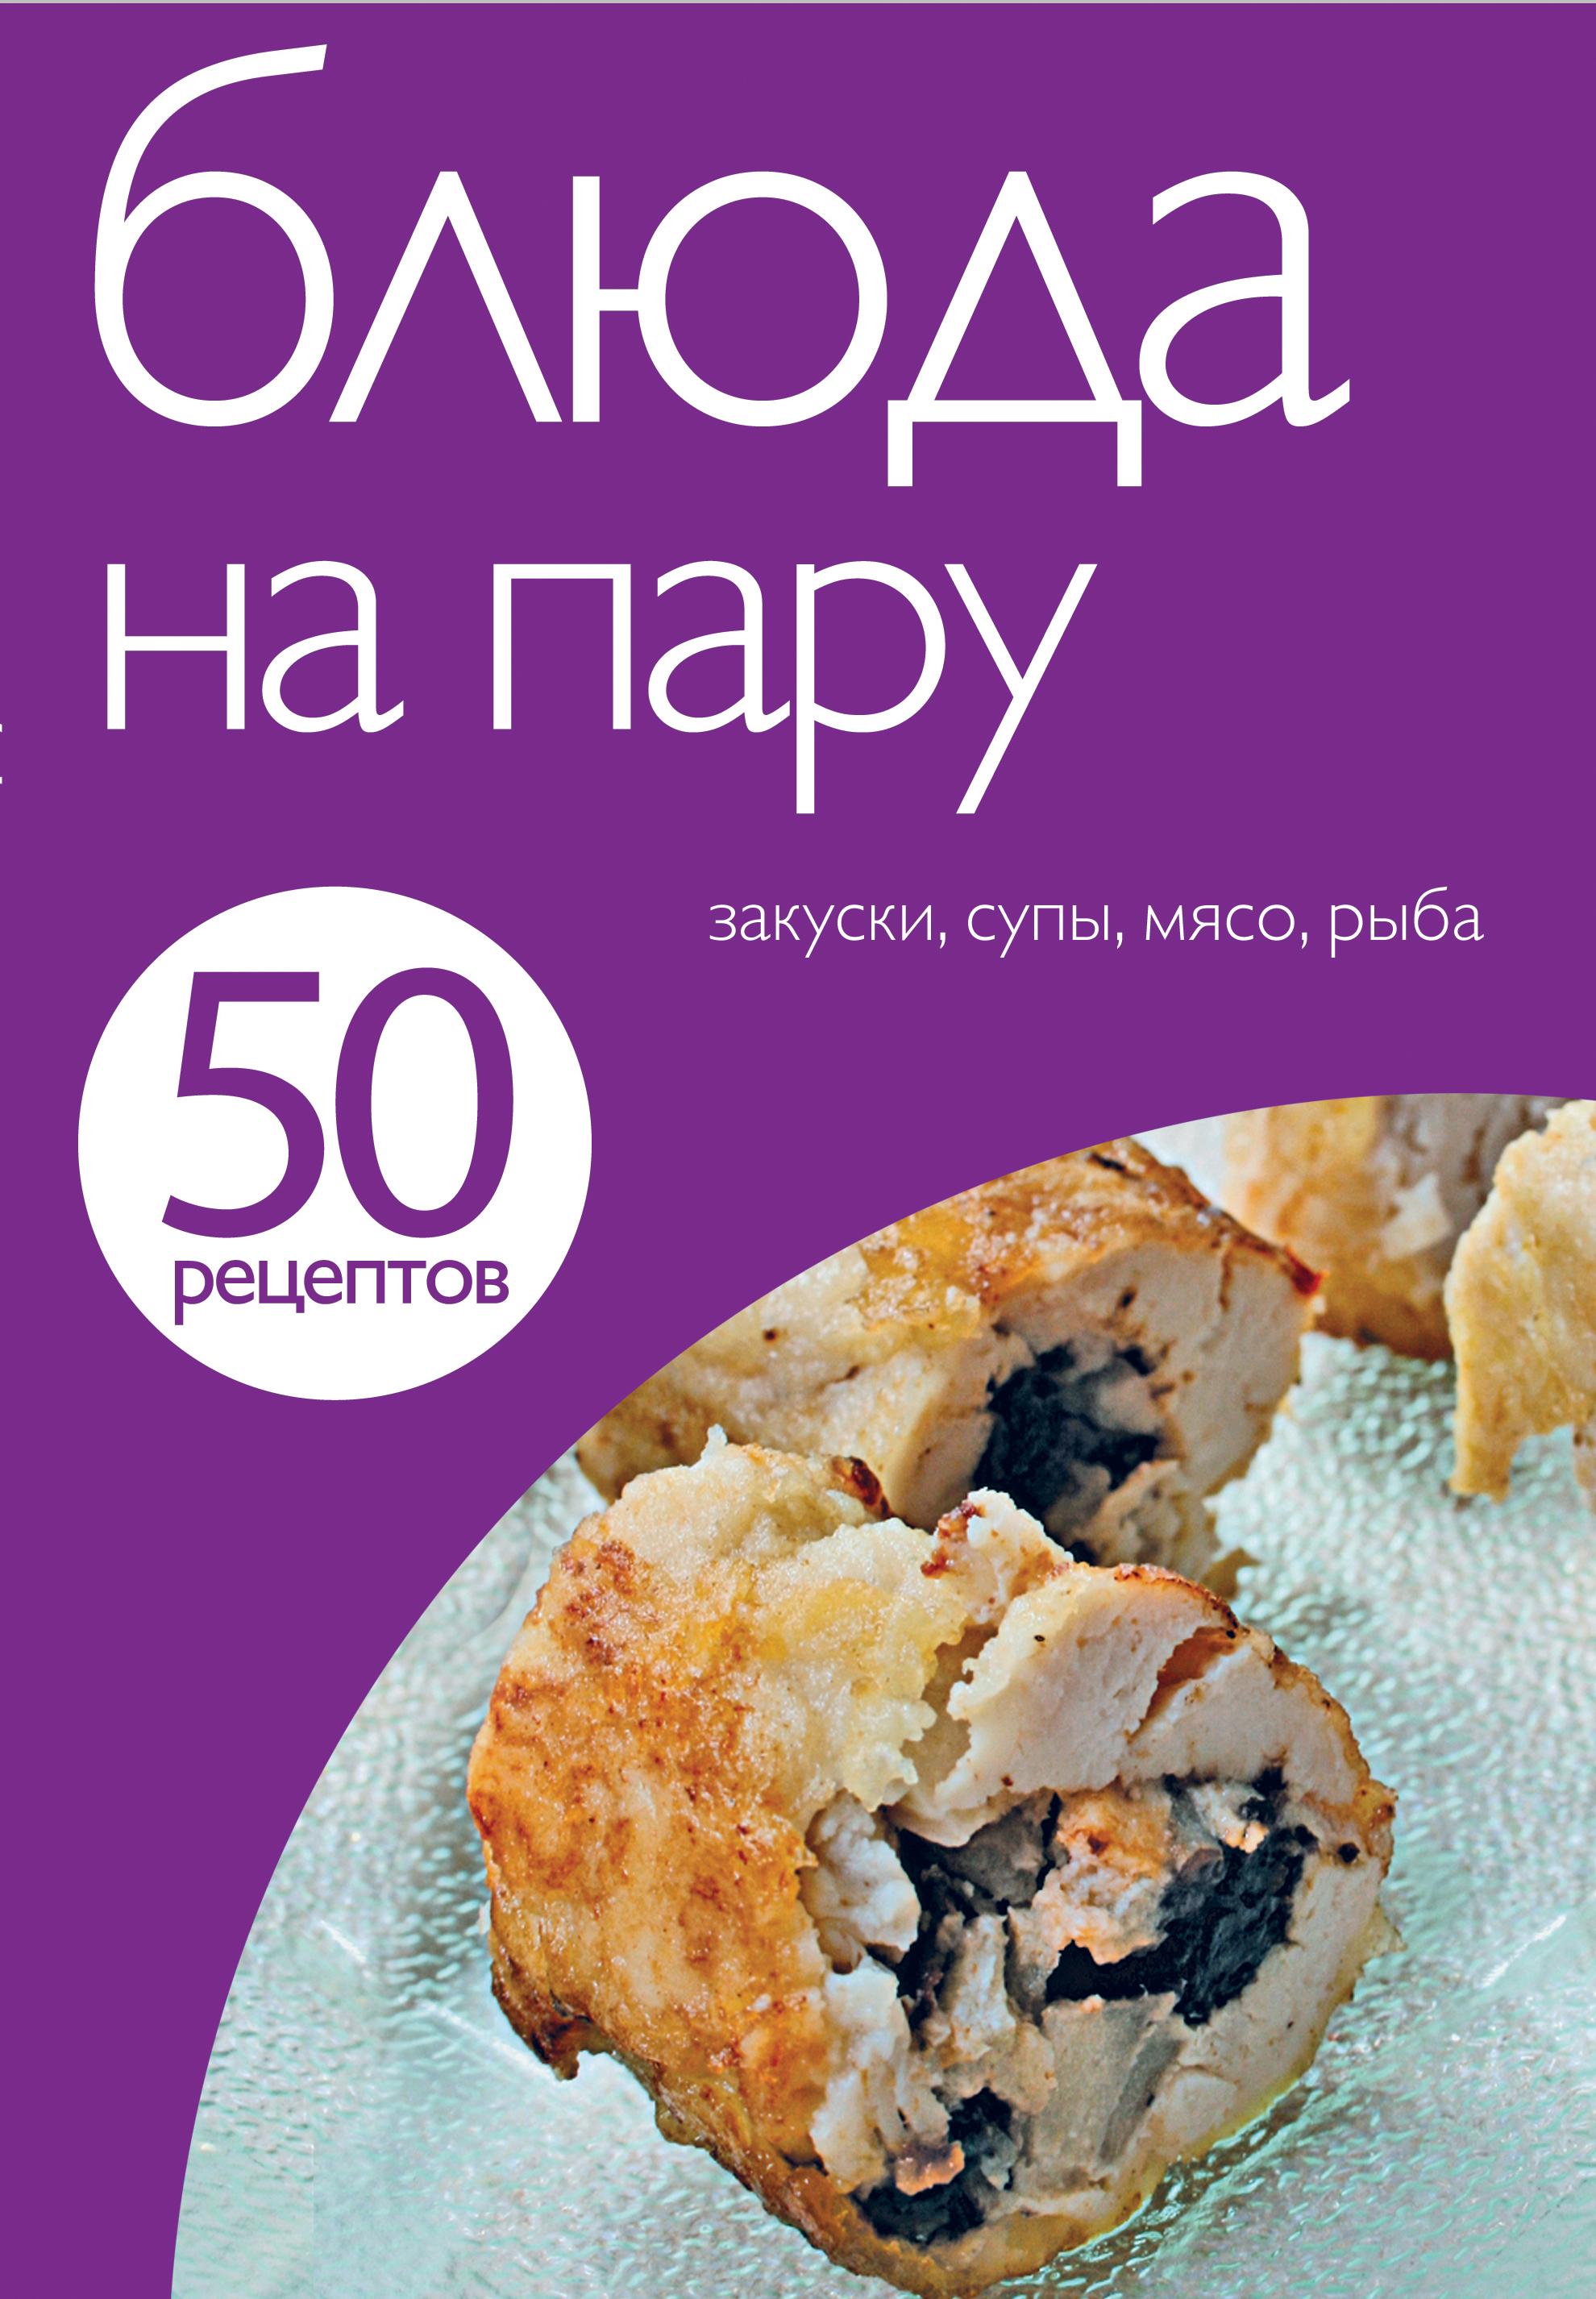 50 рецептов. Блюда на пару